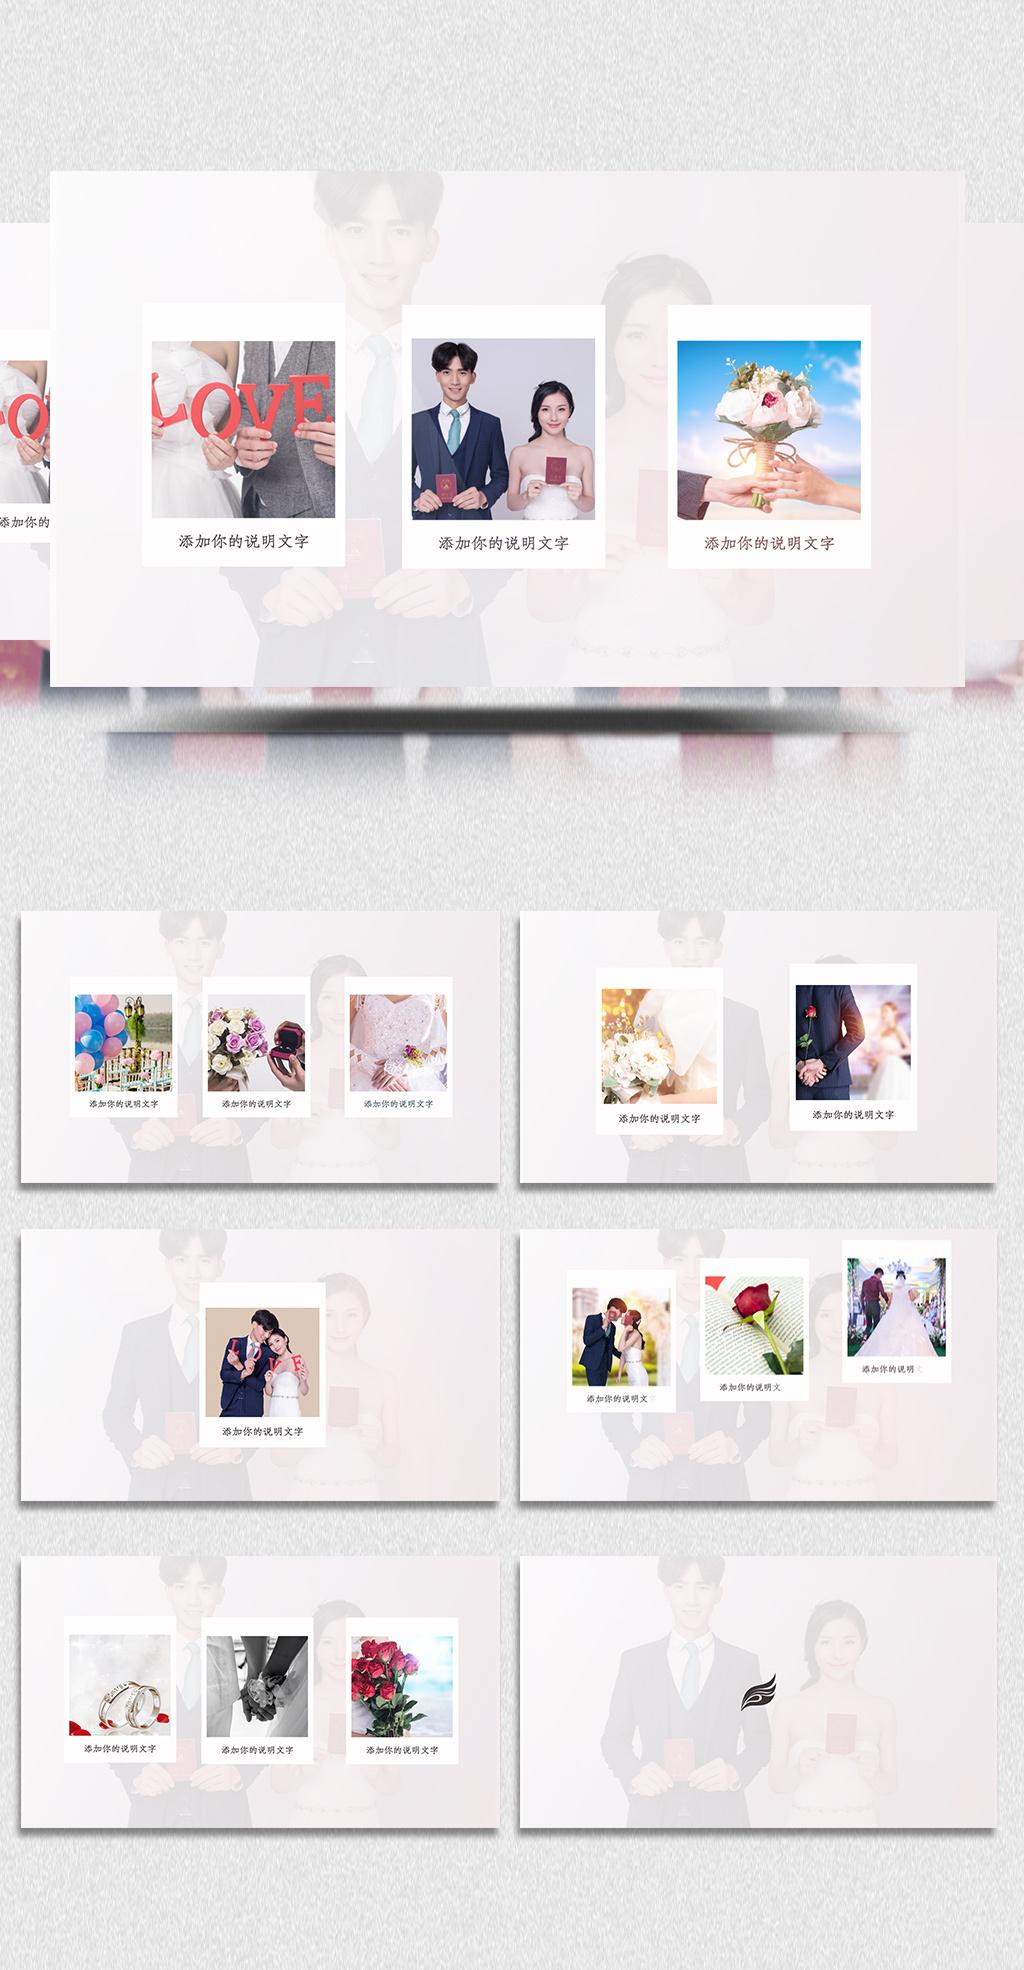 2019简洁唯美模板回忆婚礼视频竖屏音视频初图片